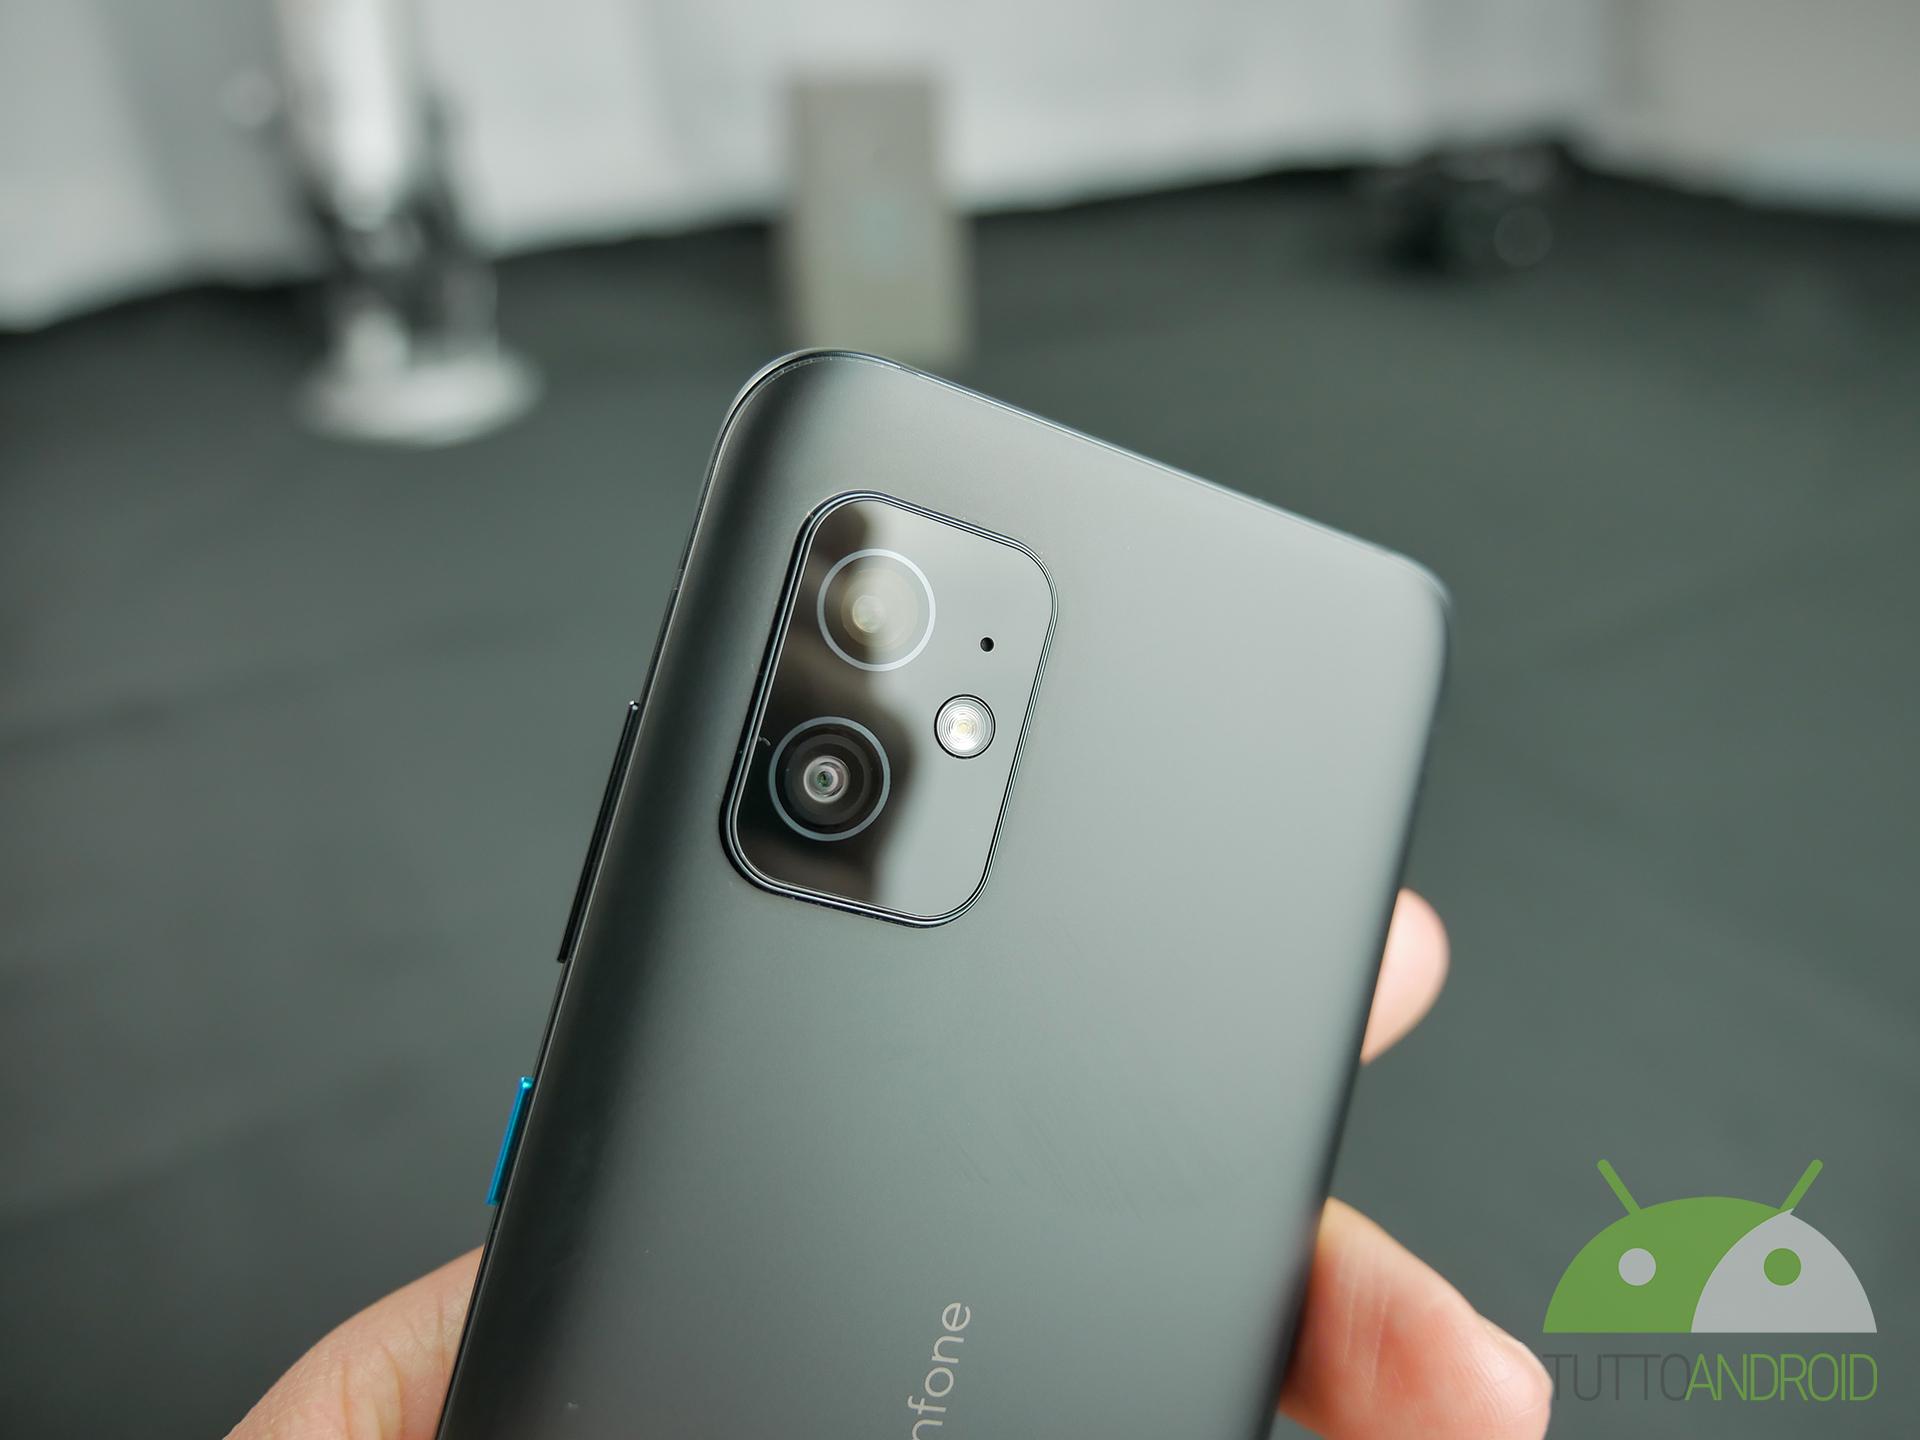 La fotocamera del compatto ASUS ZenFone 8 riesce a convincere DxOMark